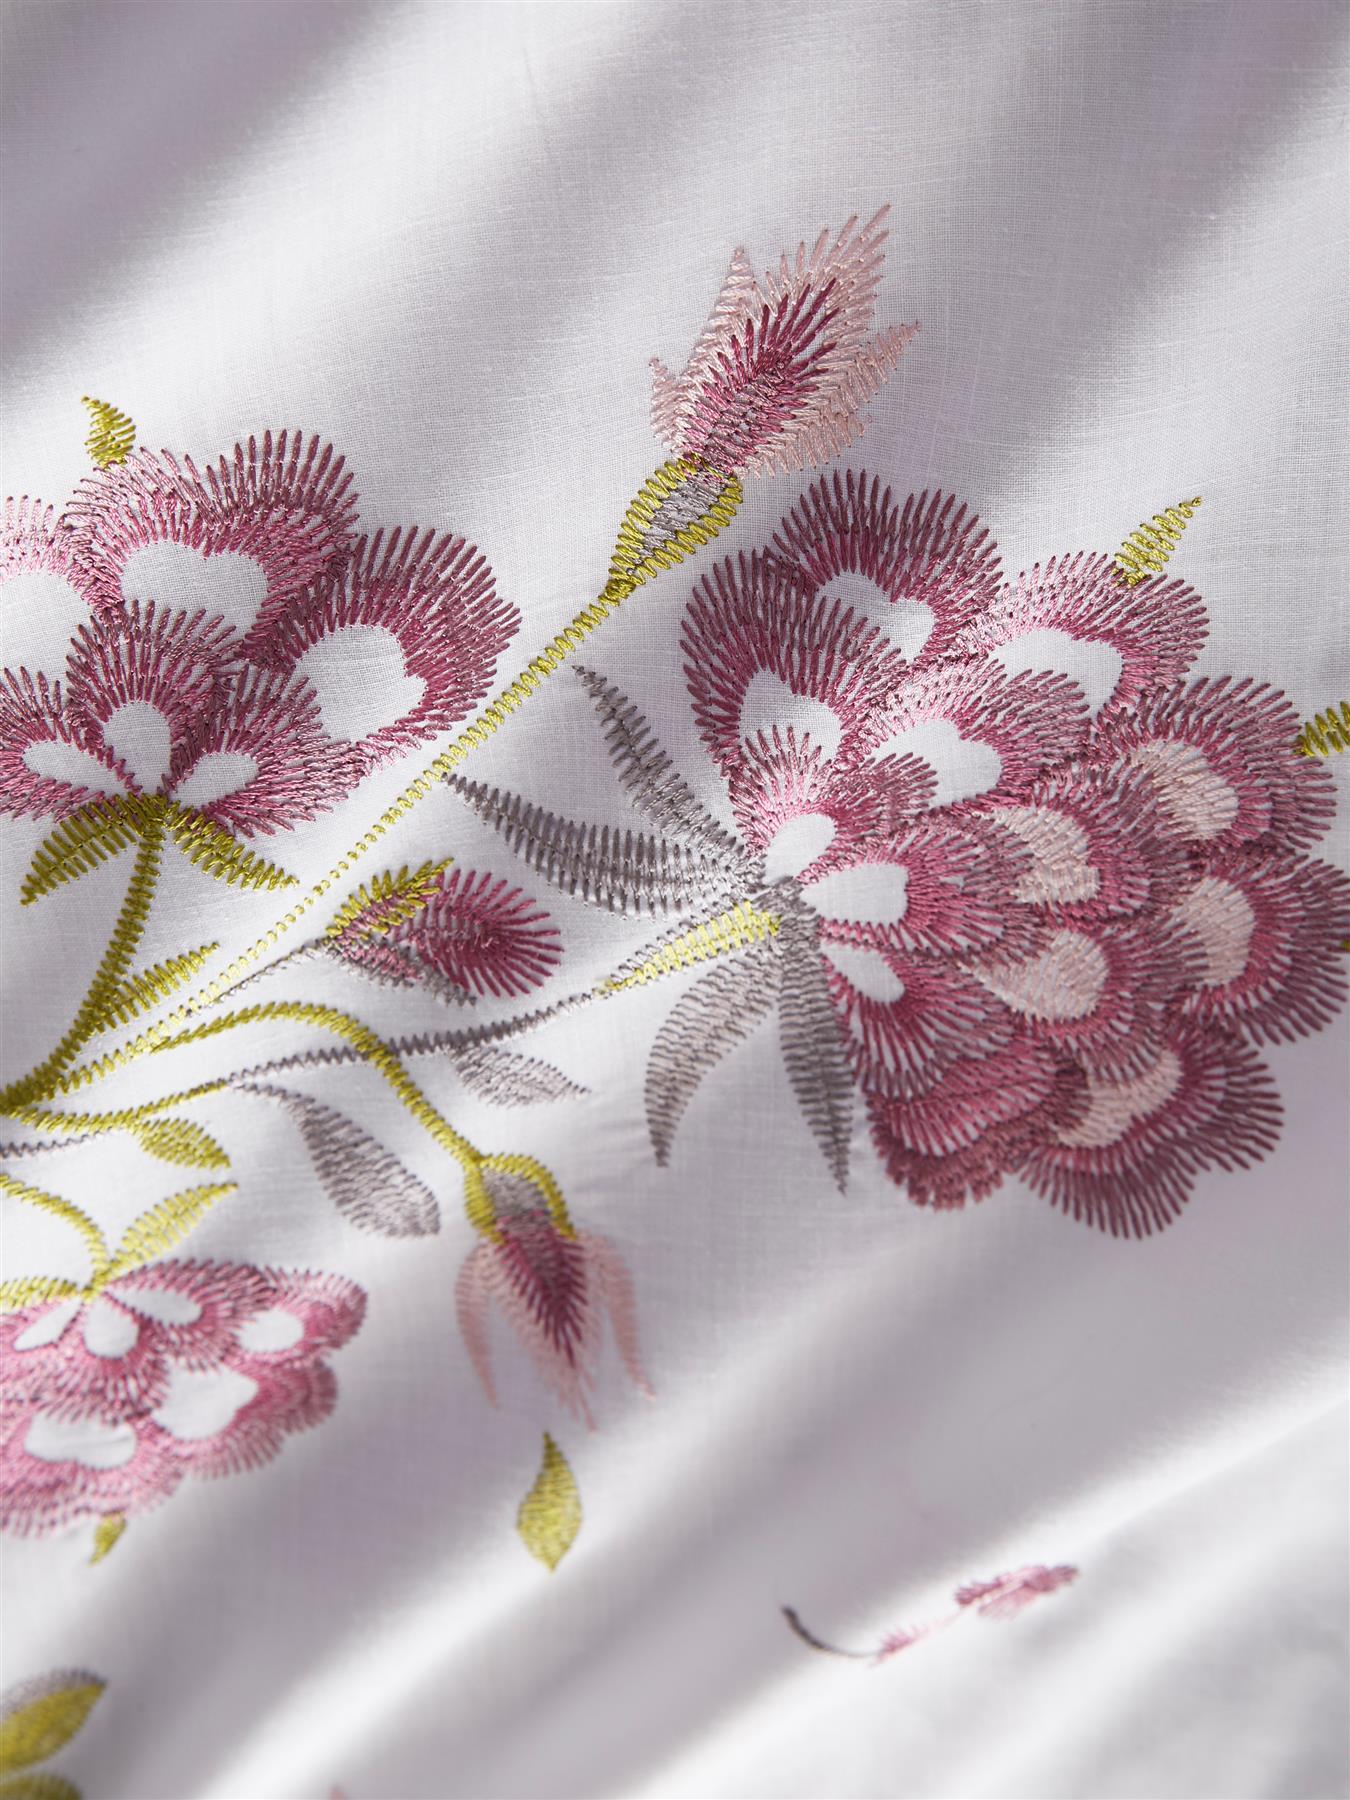 Embroidered Floral Duvet Cover Bedding Bed Set Modern Soft Reversible